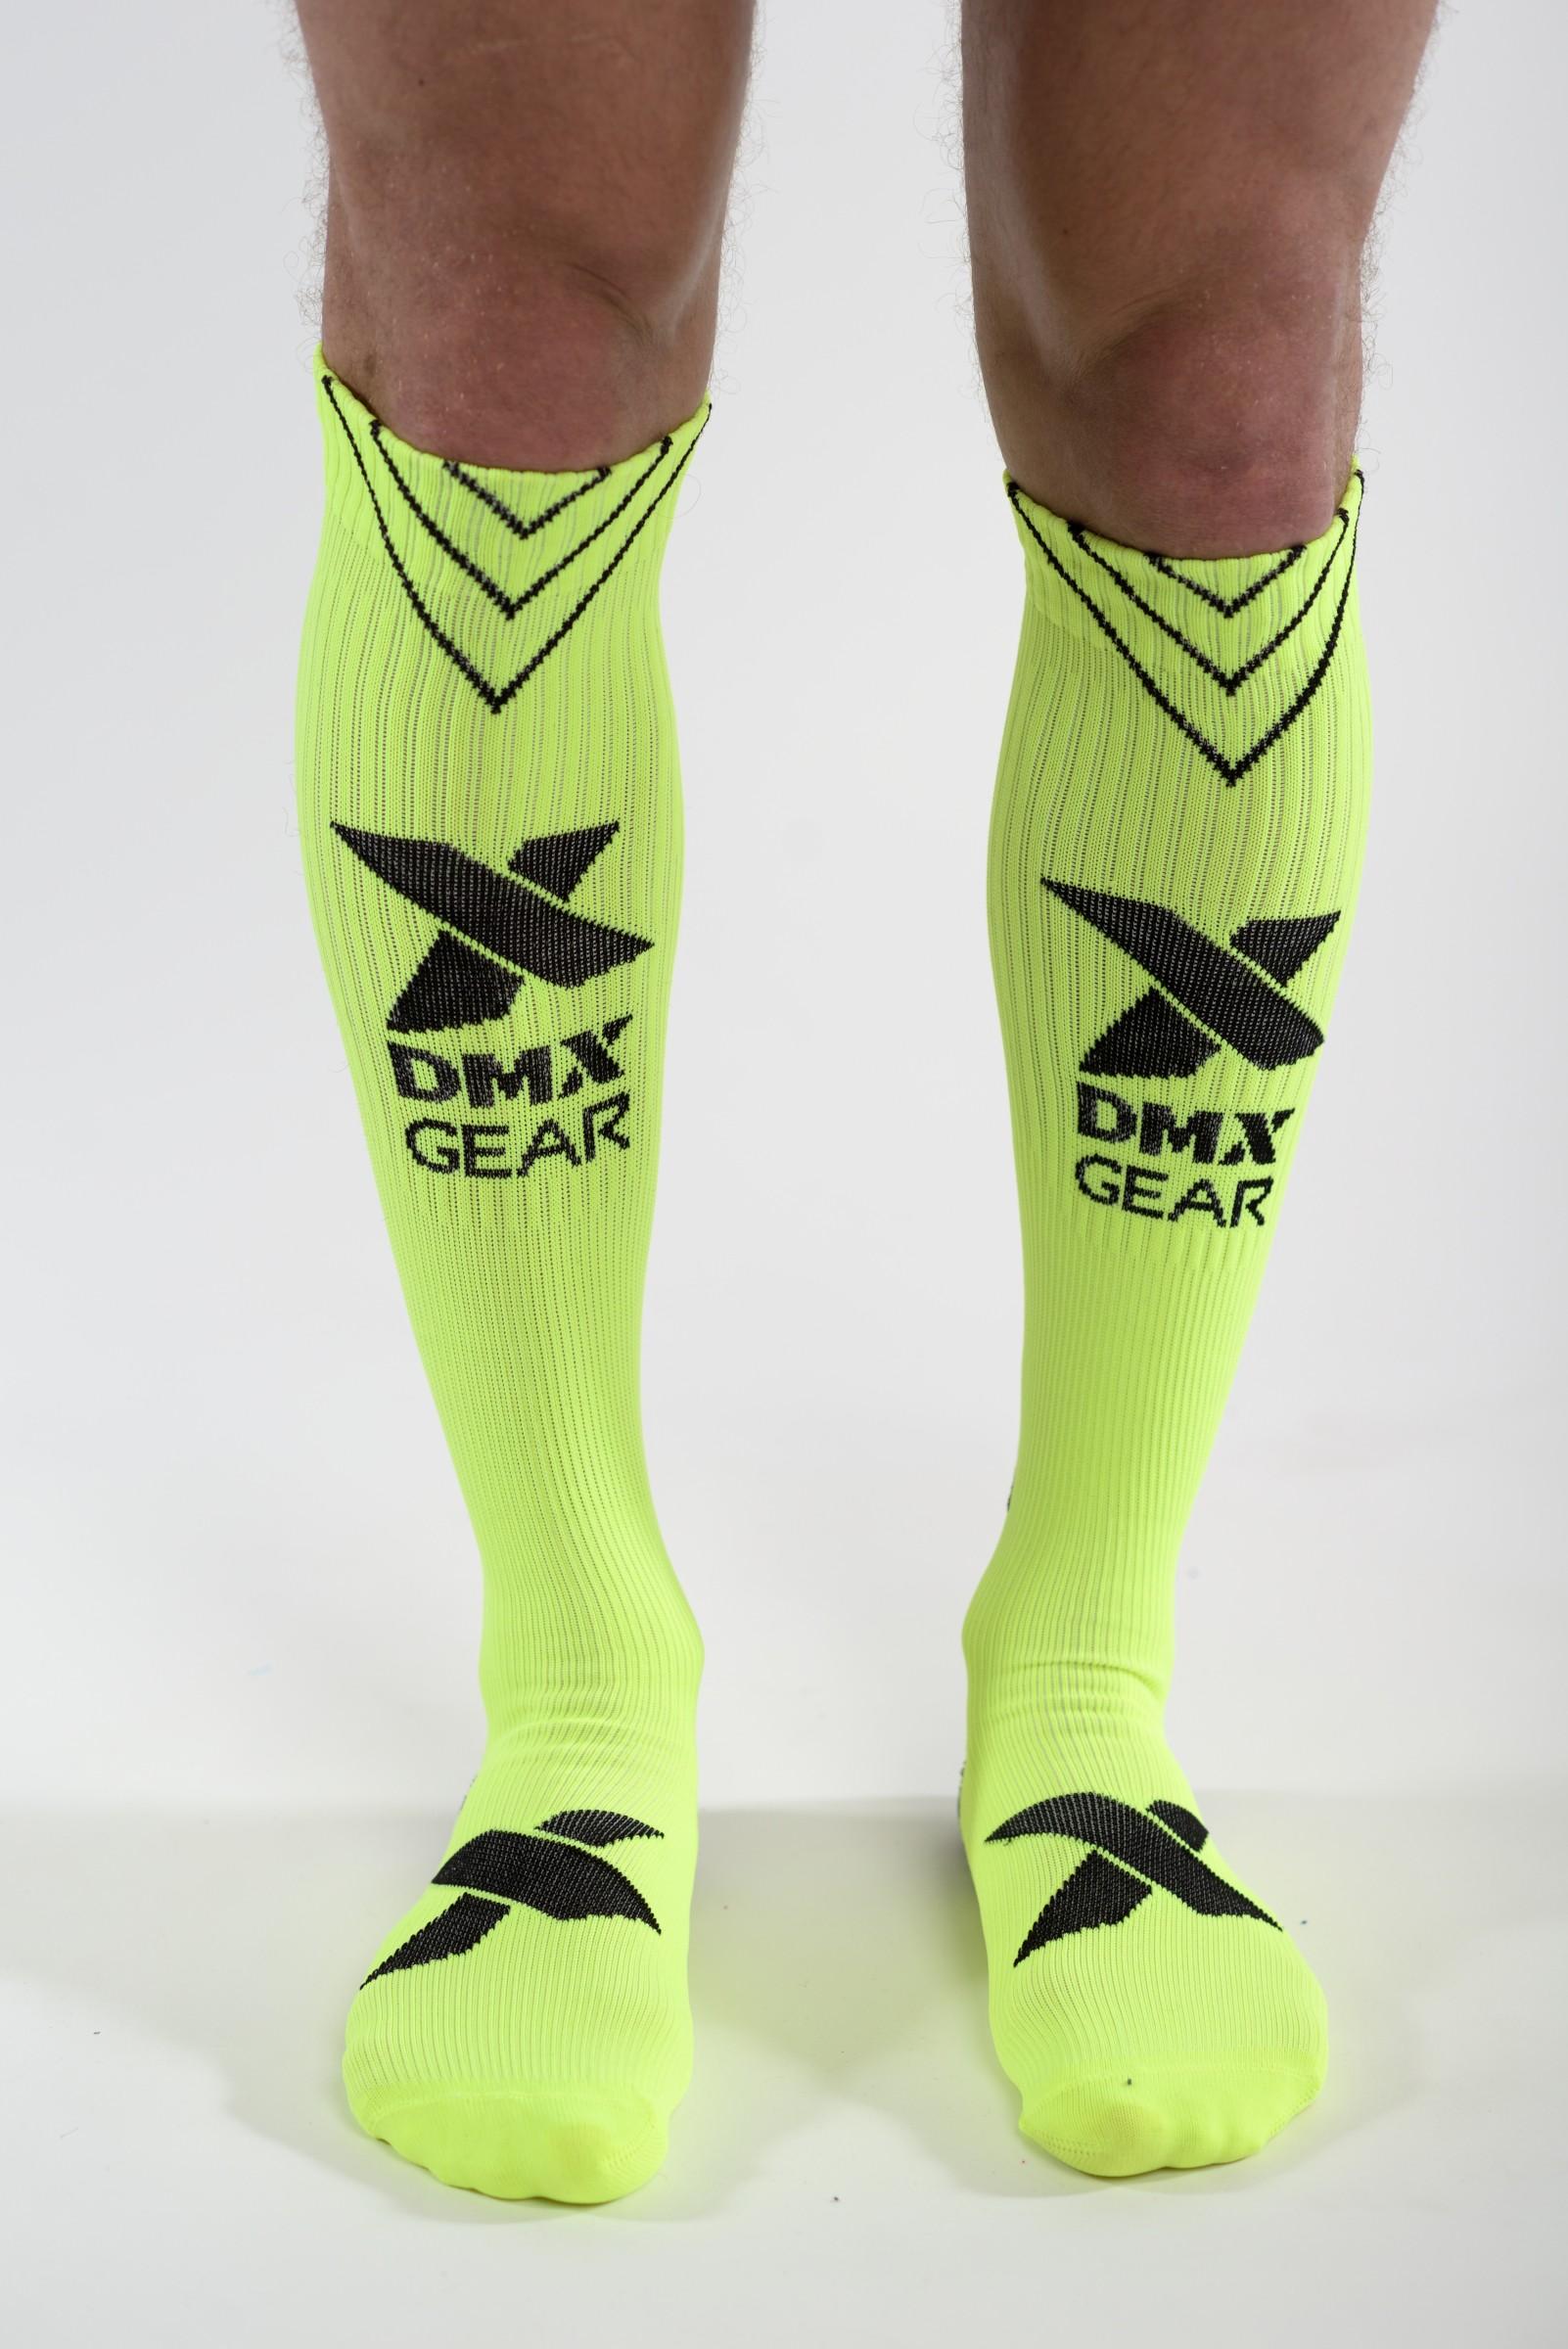 DMXGEAR kompresní pánské žluté sportovní podkolenky